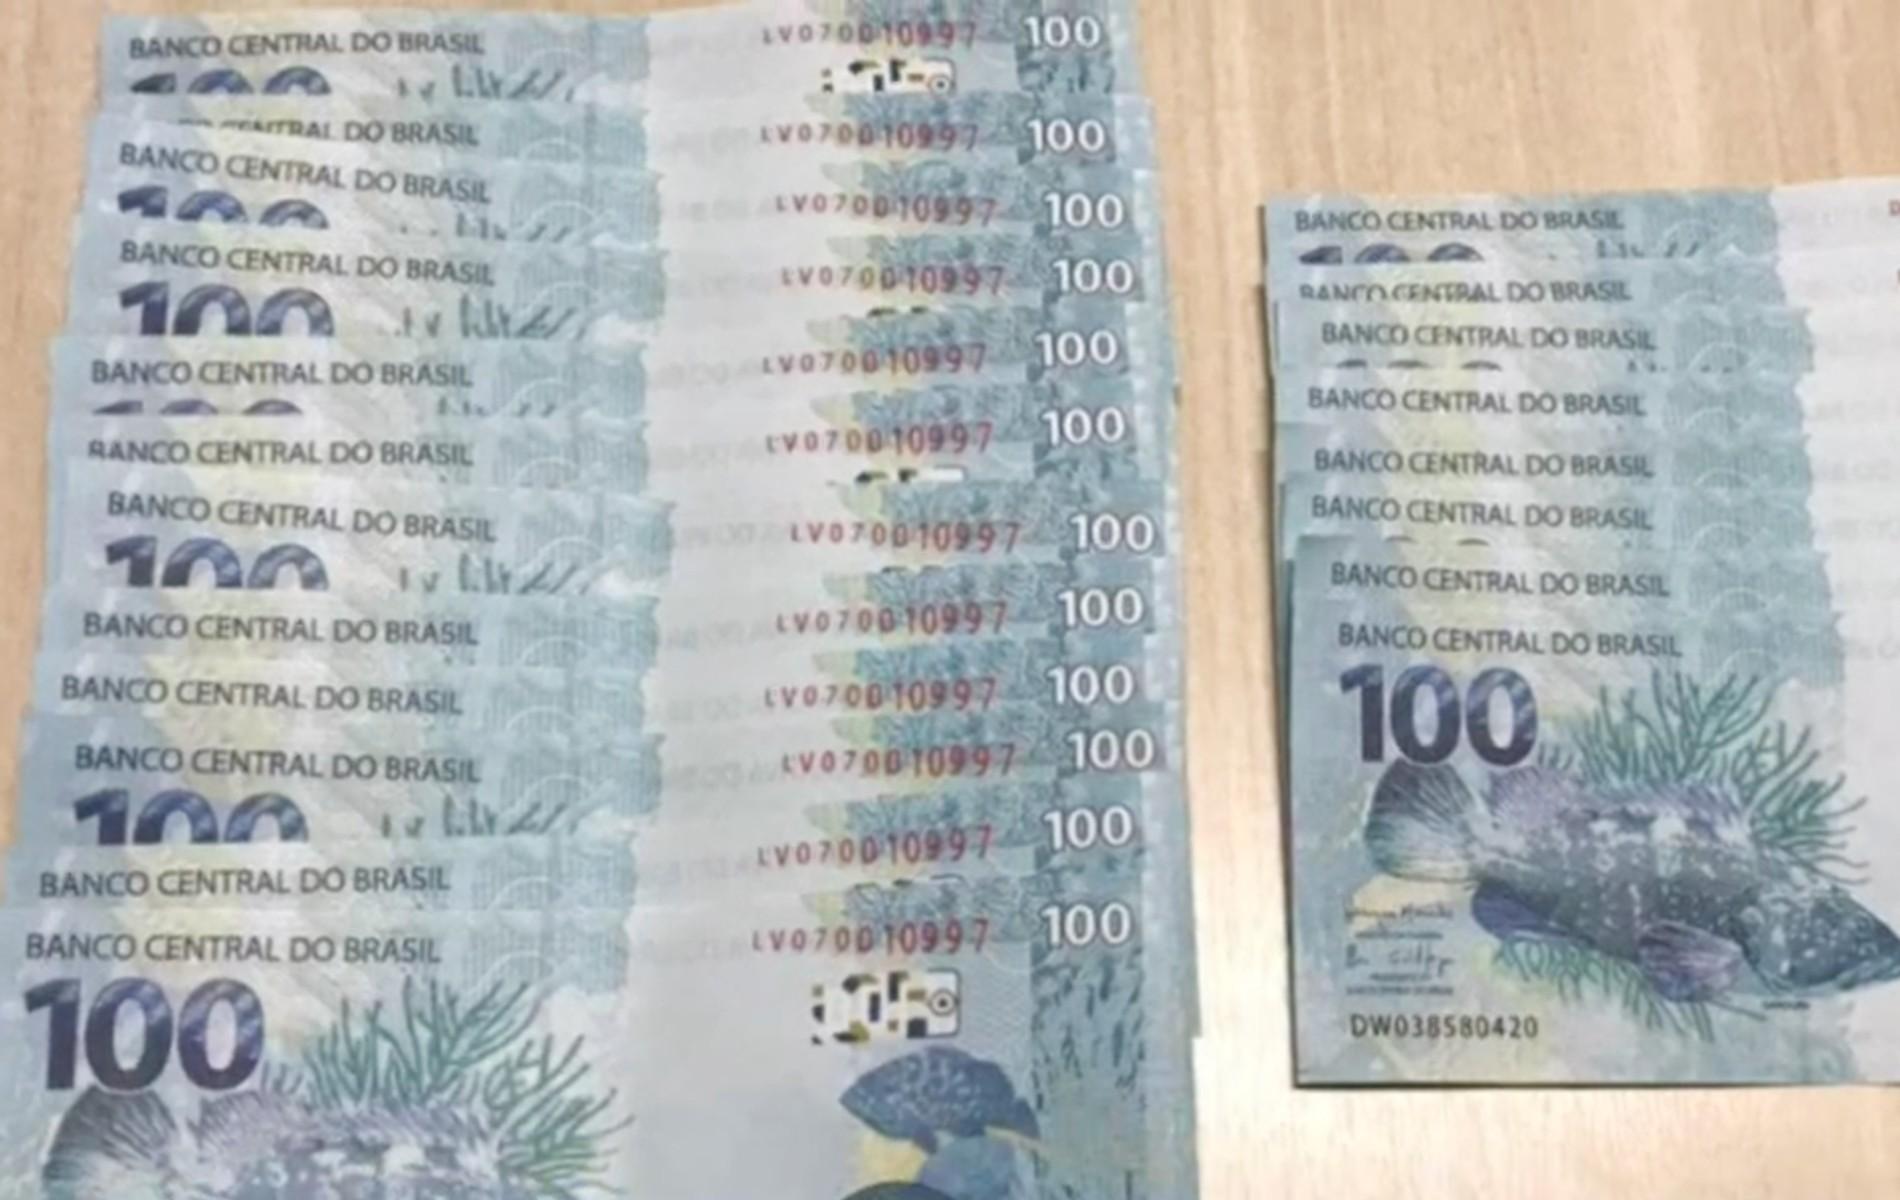 Homem compra R$ 2 mil em notas falsas pela internet e é preso no momento da entrega, em Londrina